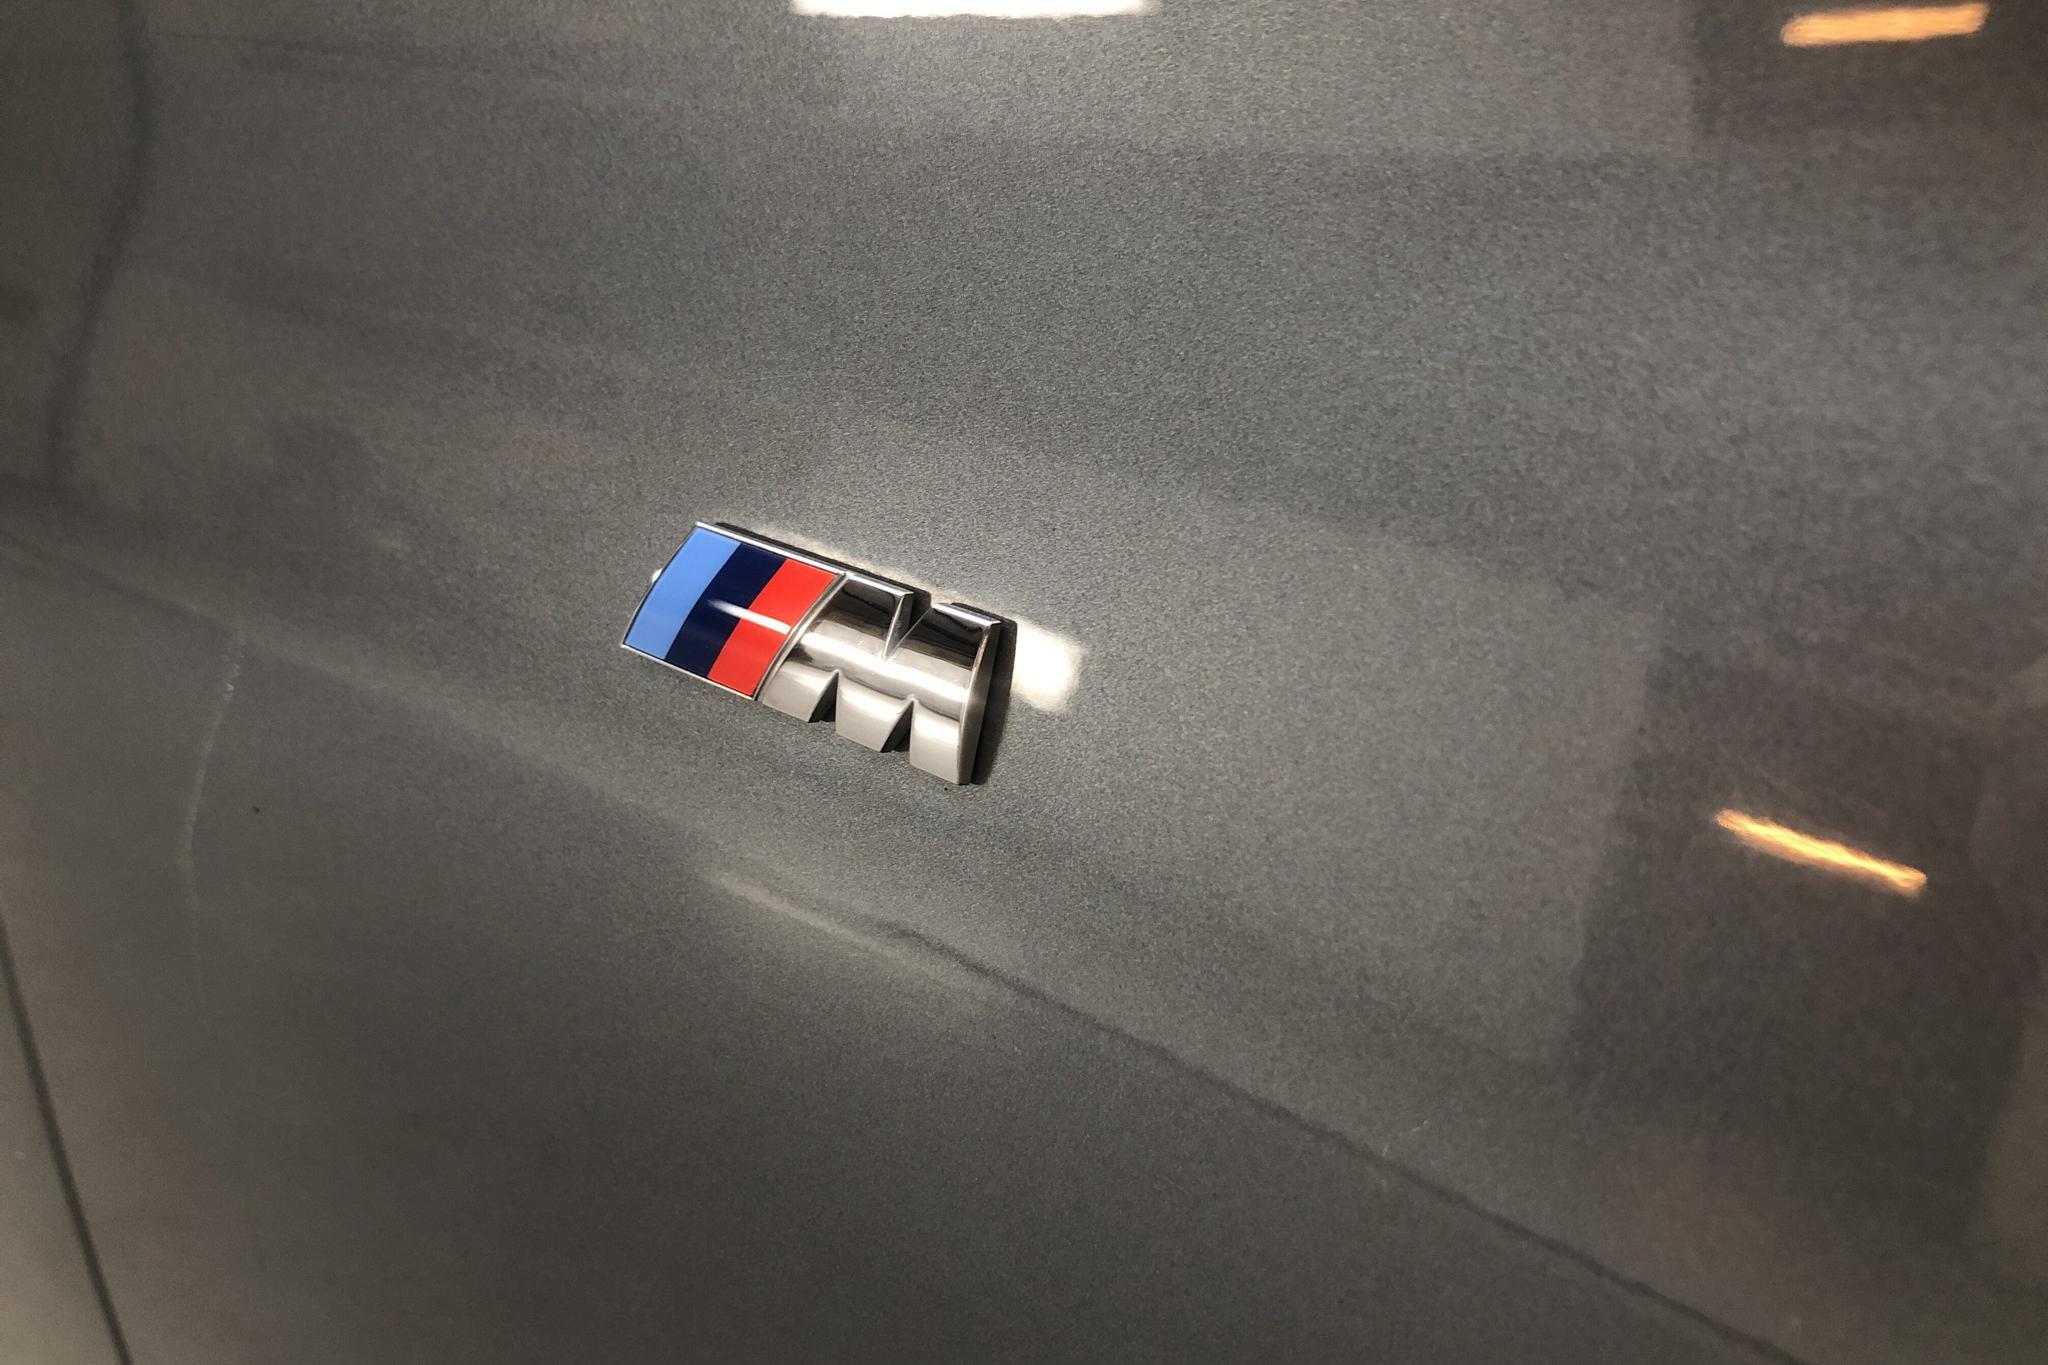 BMW 520d xDrive Touring, G31 (190hk) - 84 560 km - Automatic - blue - 2019